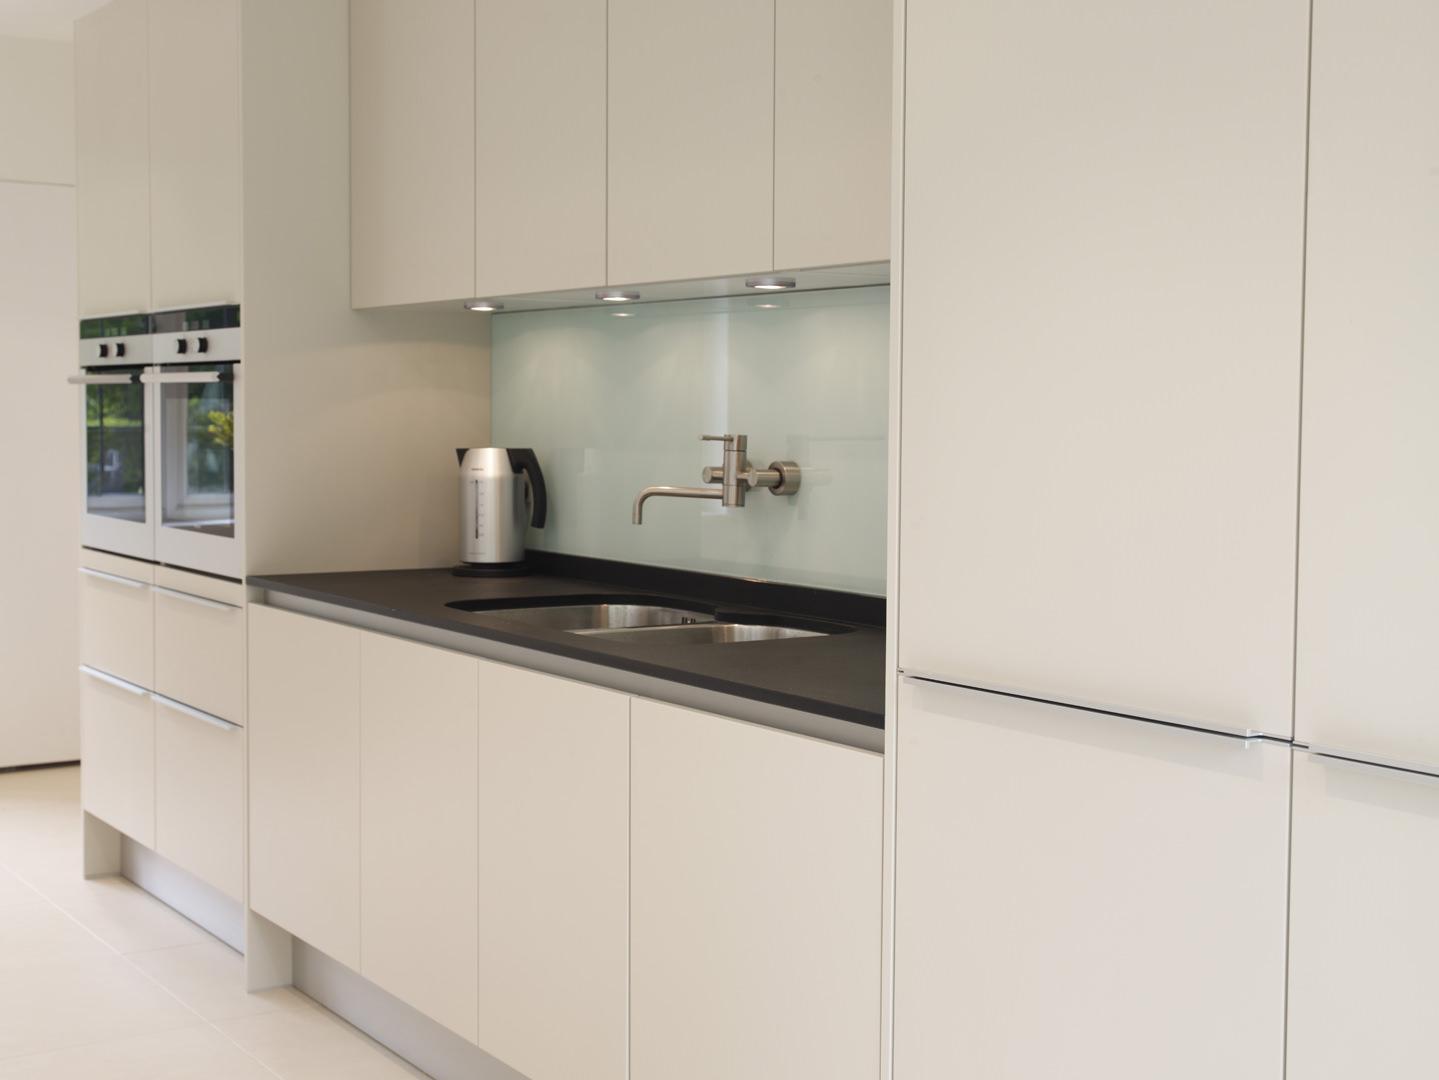 Knebworth House-Tye Architects-1139PIM_004